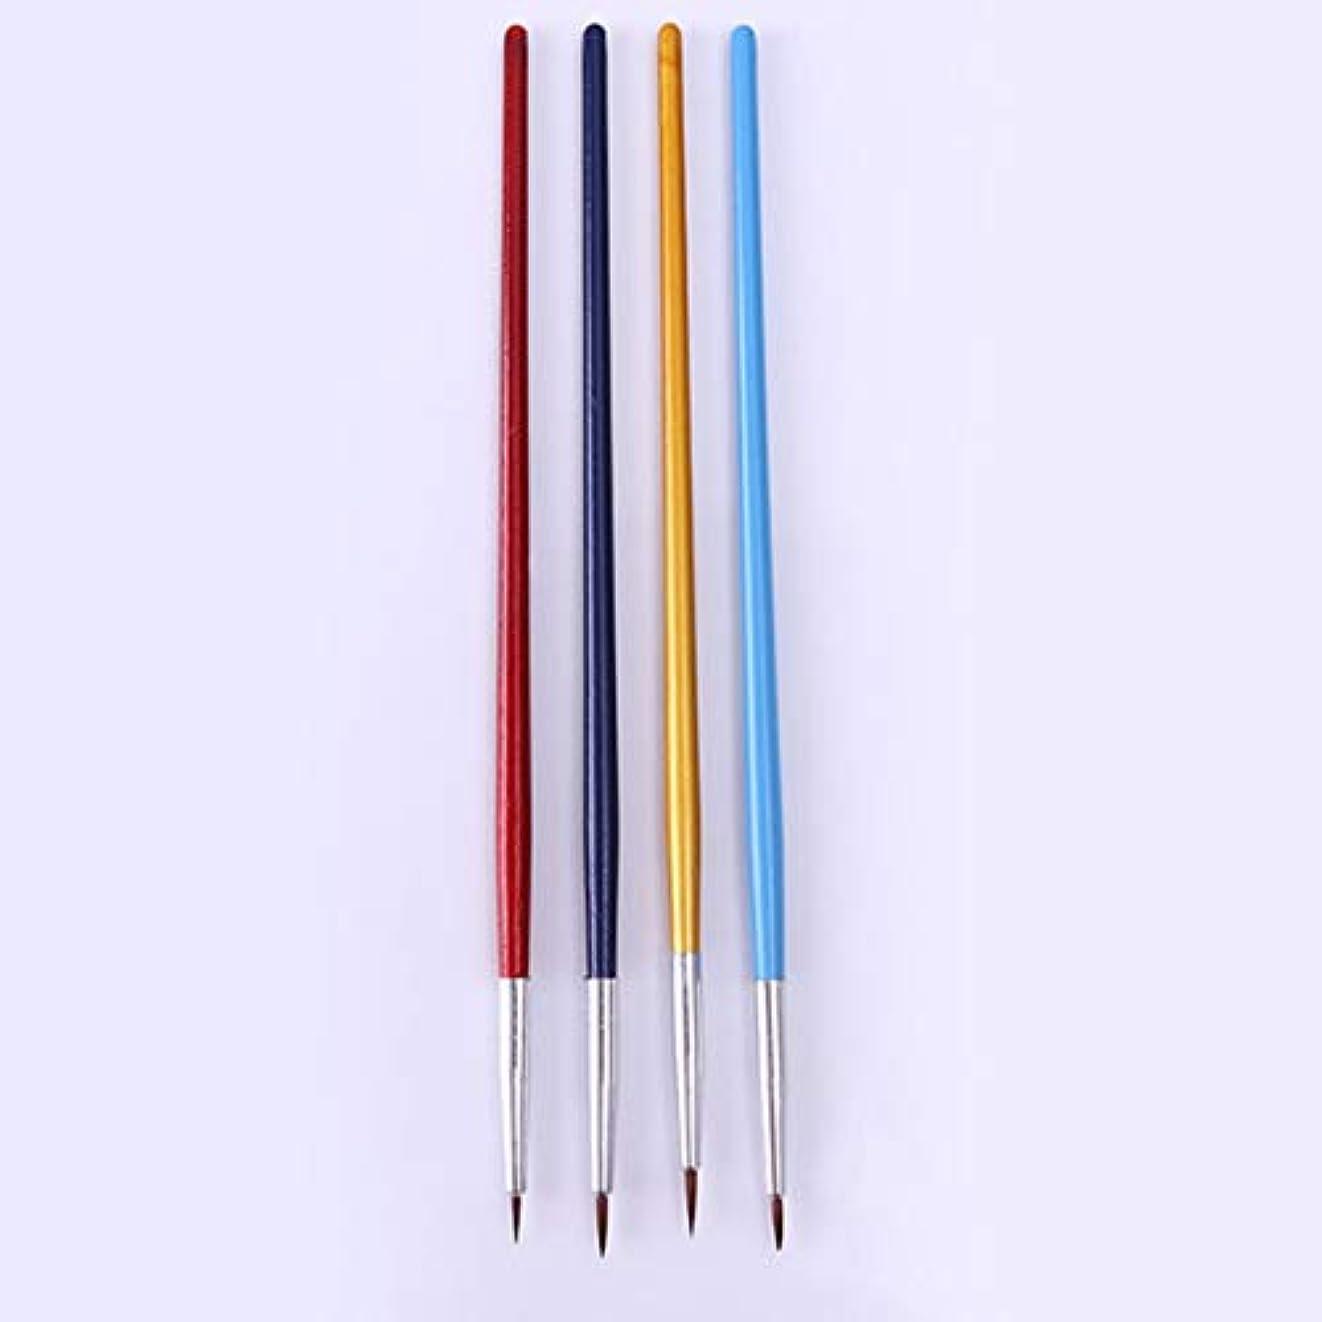 ダーリンおんどり希望に満ちたQuzama-JS ブラシブラシペンキ塗りペンブラシブラシブラシブラシ(None Picture Color)